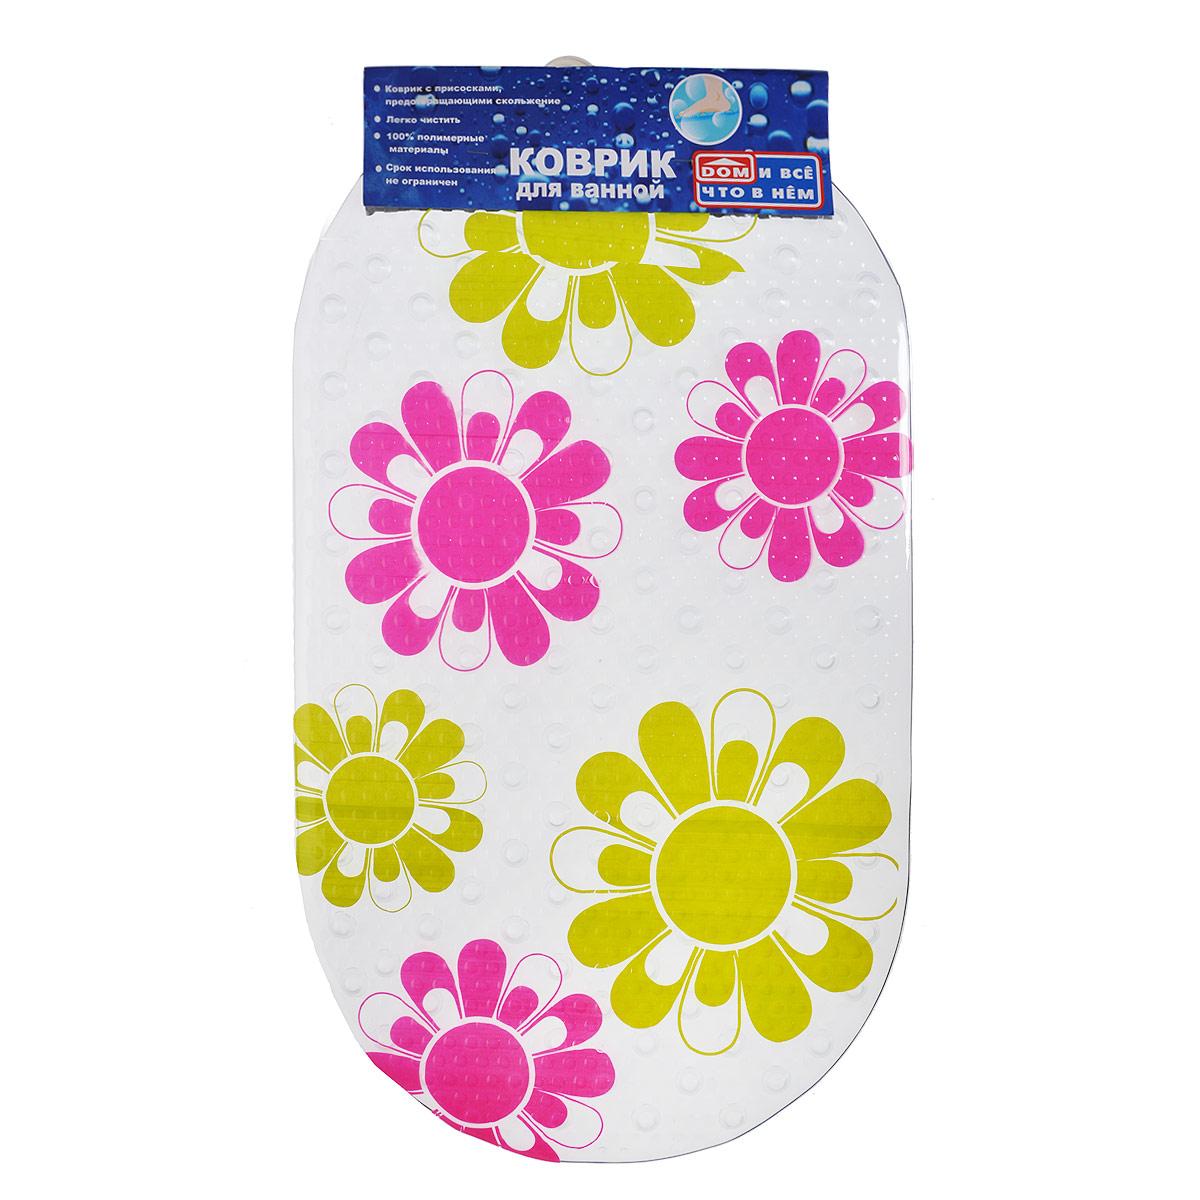 Коврик для ванны Цветы, цвет: желтый, розовый, 67 х 37 см1004900000360Коврик для ванны и душевой кабины Цветы, выполненный из винила и оформленный рисунком в виде цветов.Противоскользящий коврик для ванны - это хорошая защита детей и взрослых от неожиданных падений на гладкой мокрой поверхности.Коврик очень плотно крепится ко дну множеством присосок, расположенных по всей изнаночной стороне. Отверстия, предназначенные для пропуска воды, способствуют лучшему сцеплению с поверхностью, таким образом, полностью, исключая скольжение. Принимая душ или ванную, постелите противоскользящий коврик. Это особенно актуально для семьи с маленькими детьми и пожилыми людьми. Характеристики: Материал:винил. Размер:67 см х 37 см.